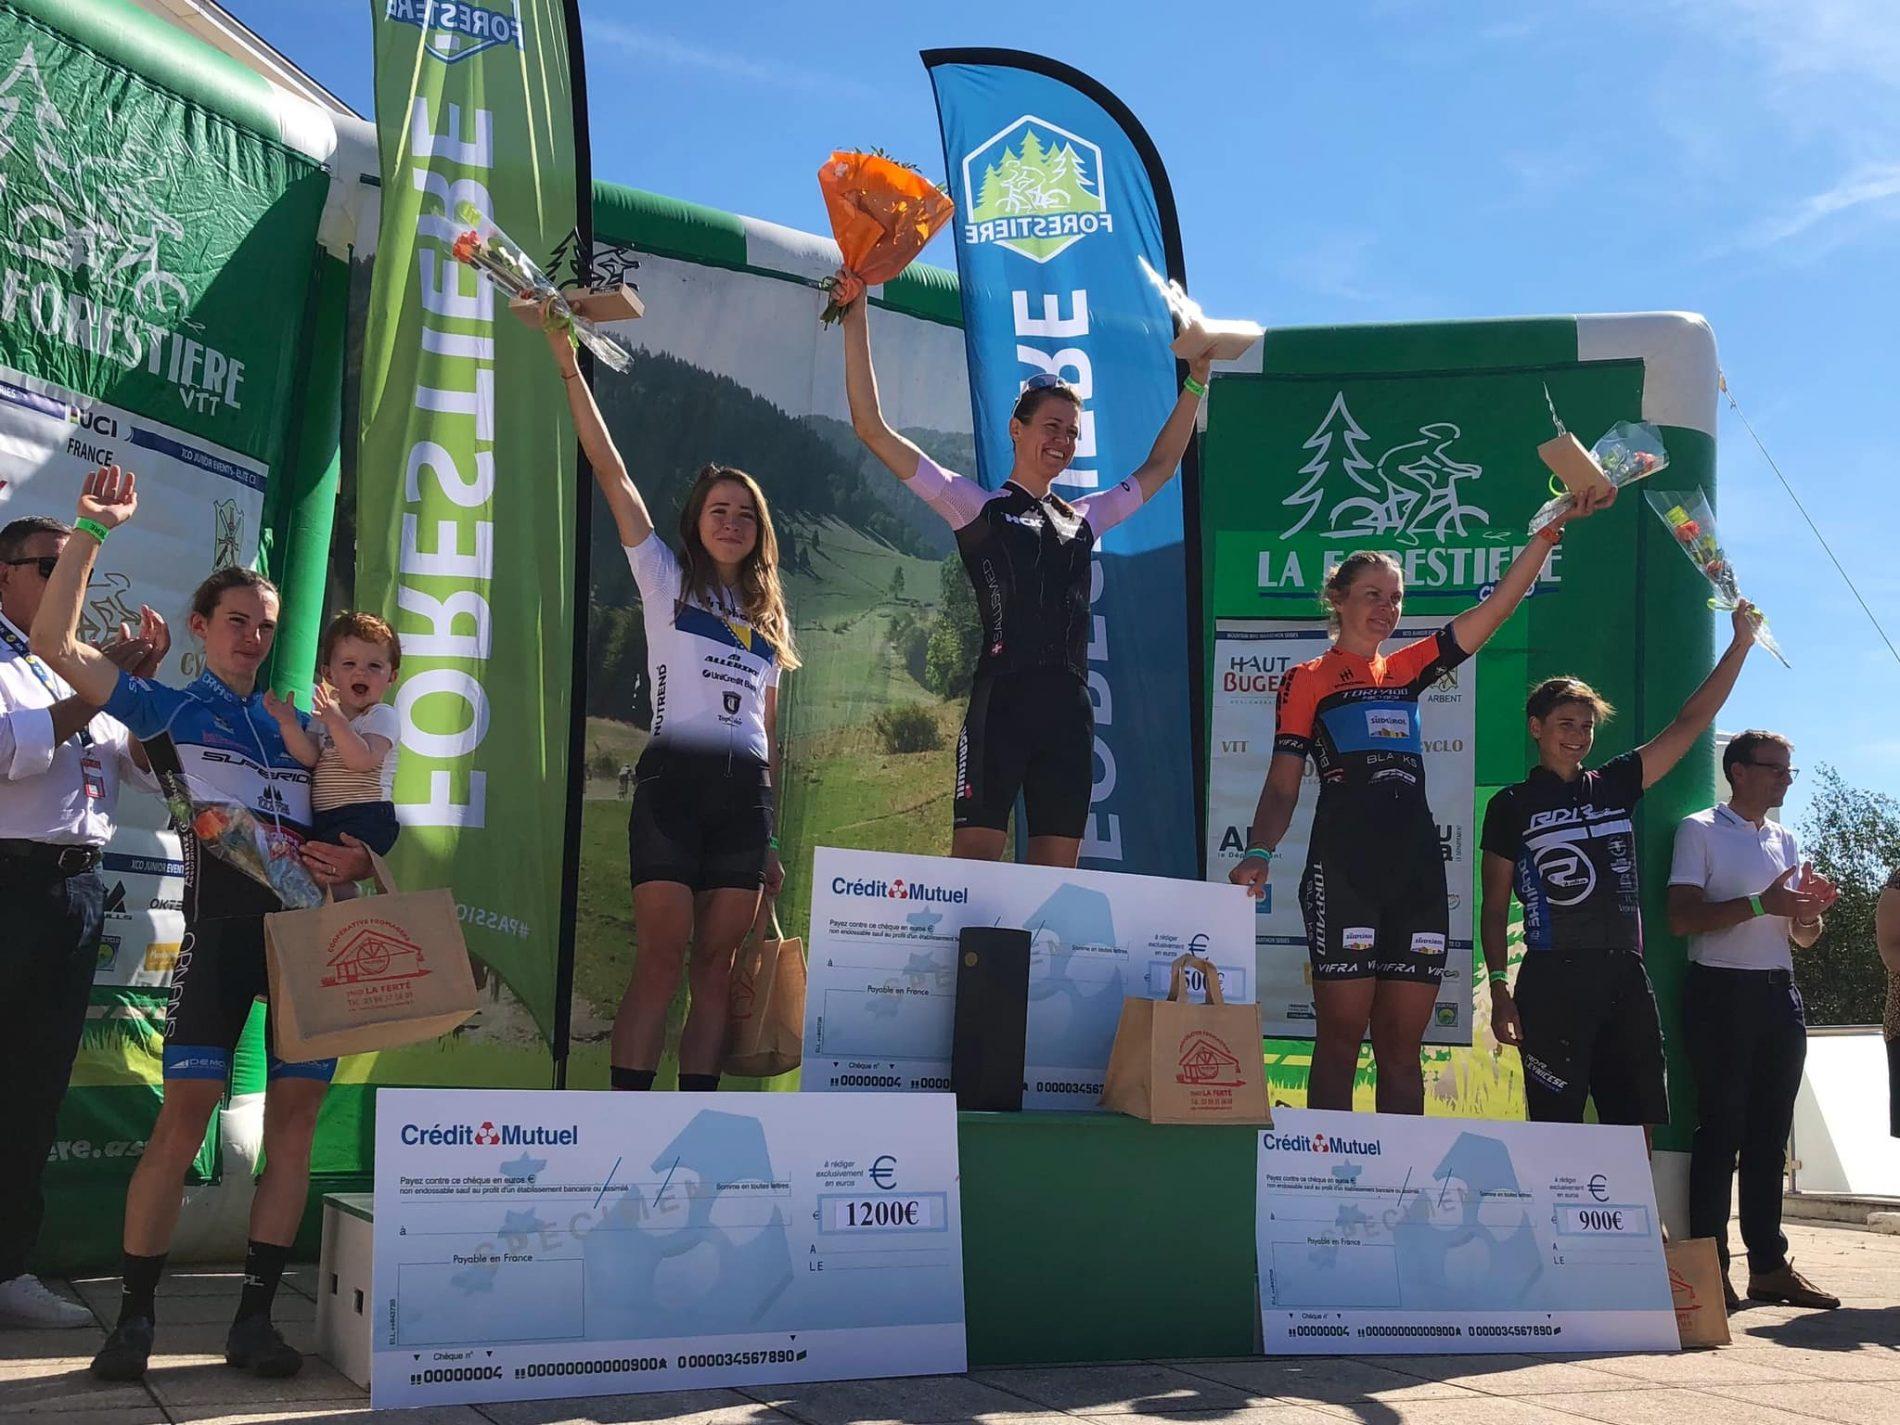 Bosanska biciklistkinja Lejla Tanović 2. na svjetskom kupu u maraton disciplini održanom u Francuskoj